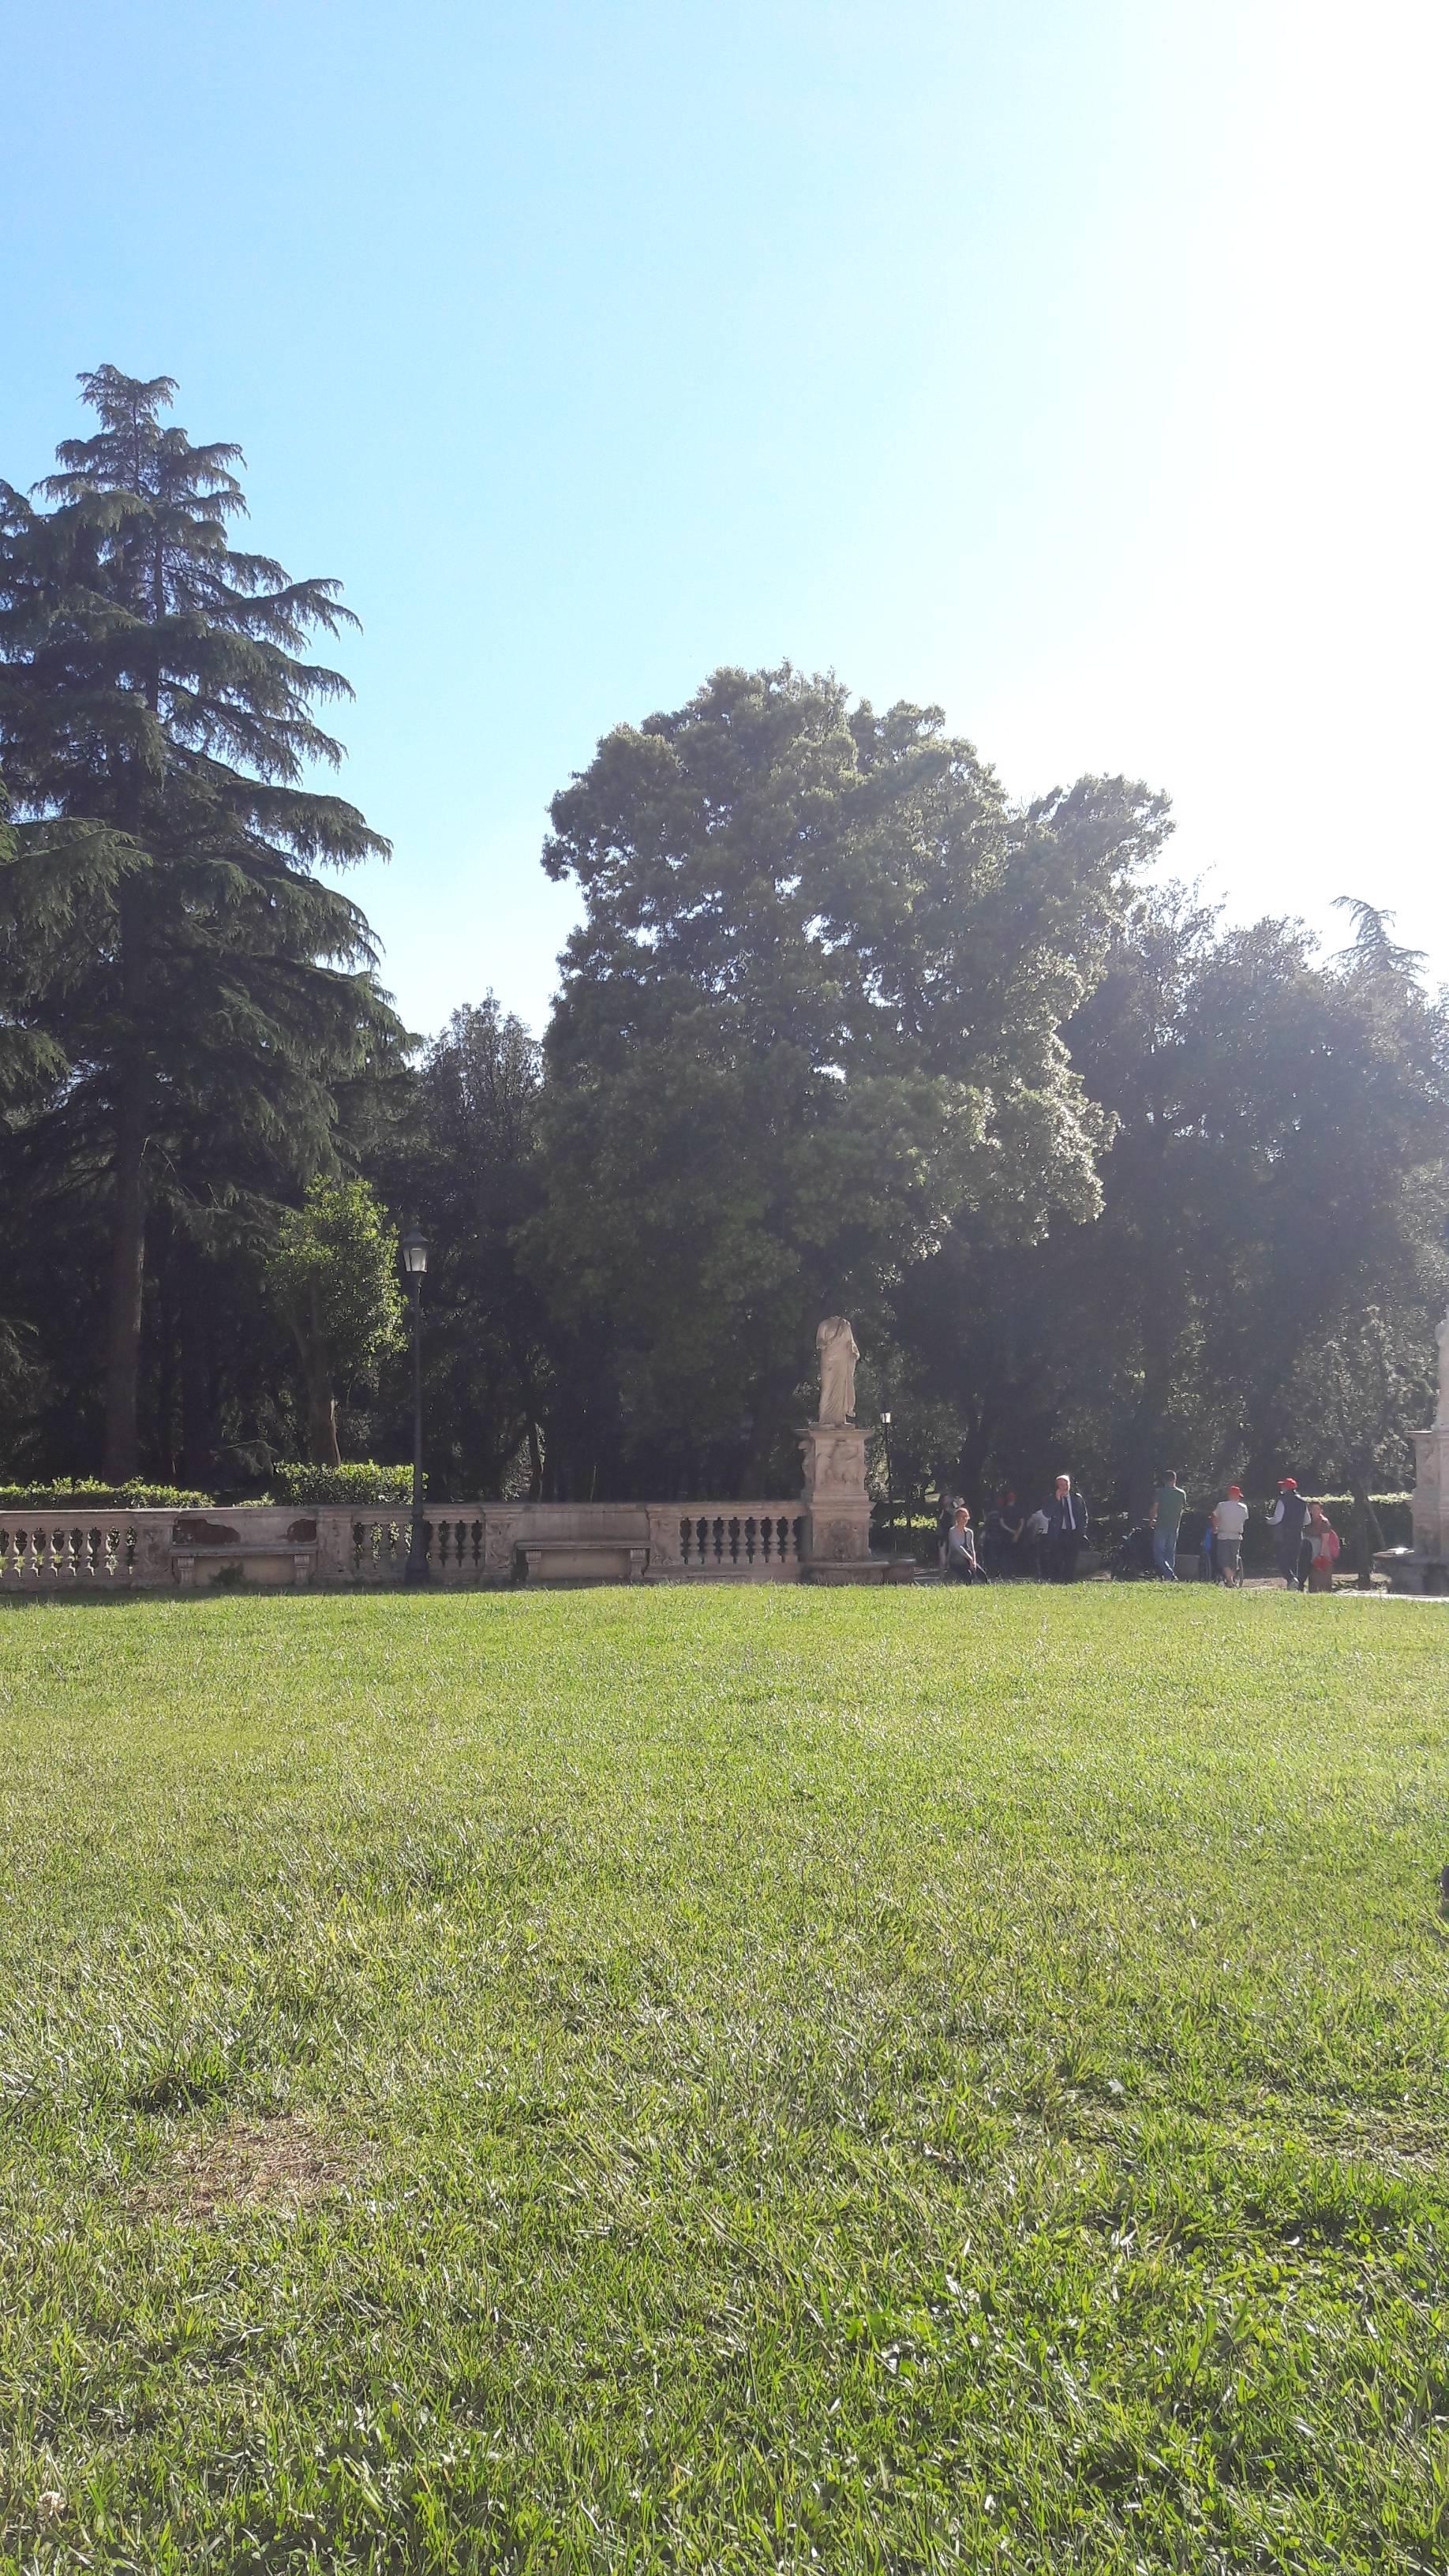 Photo 3: Le central park de Rome !